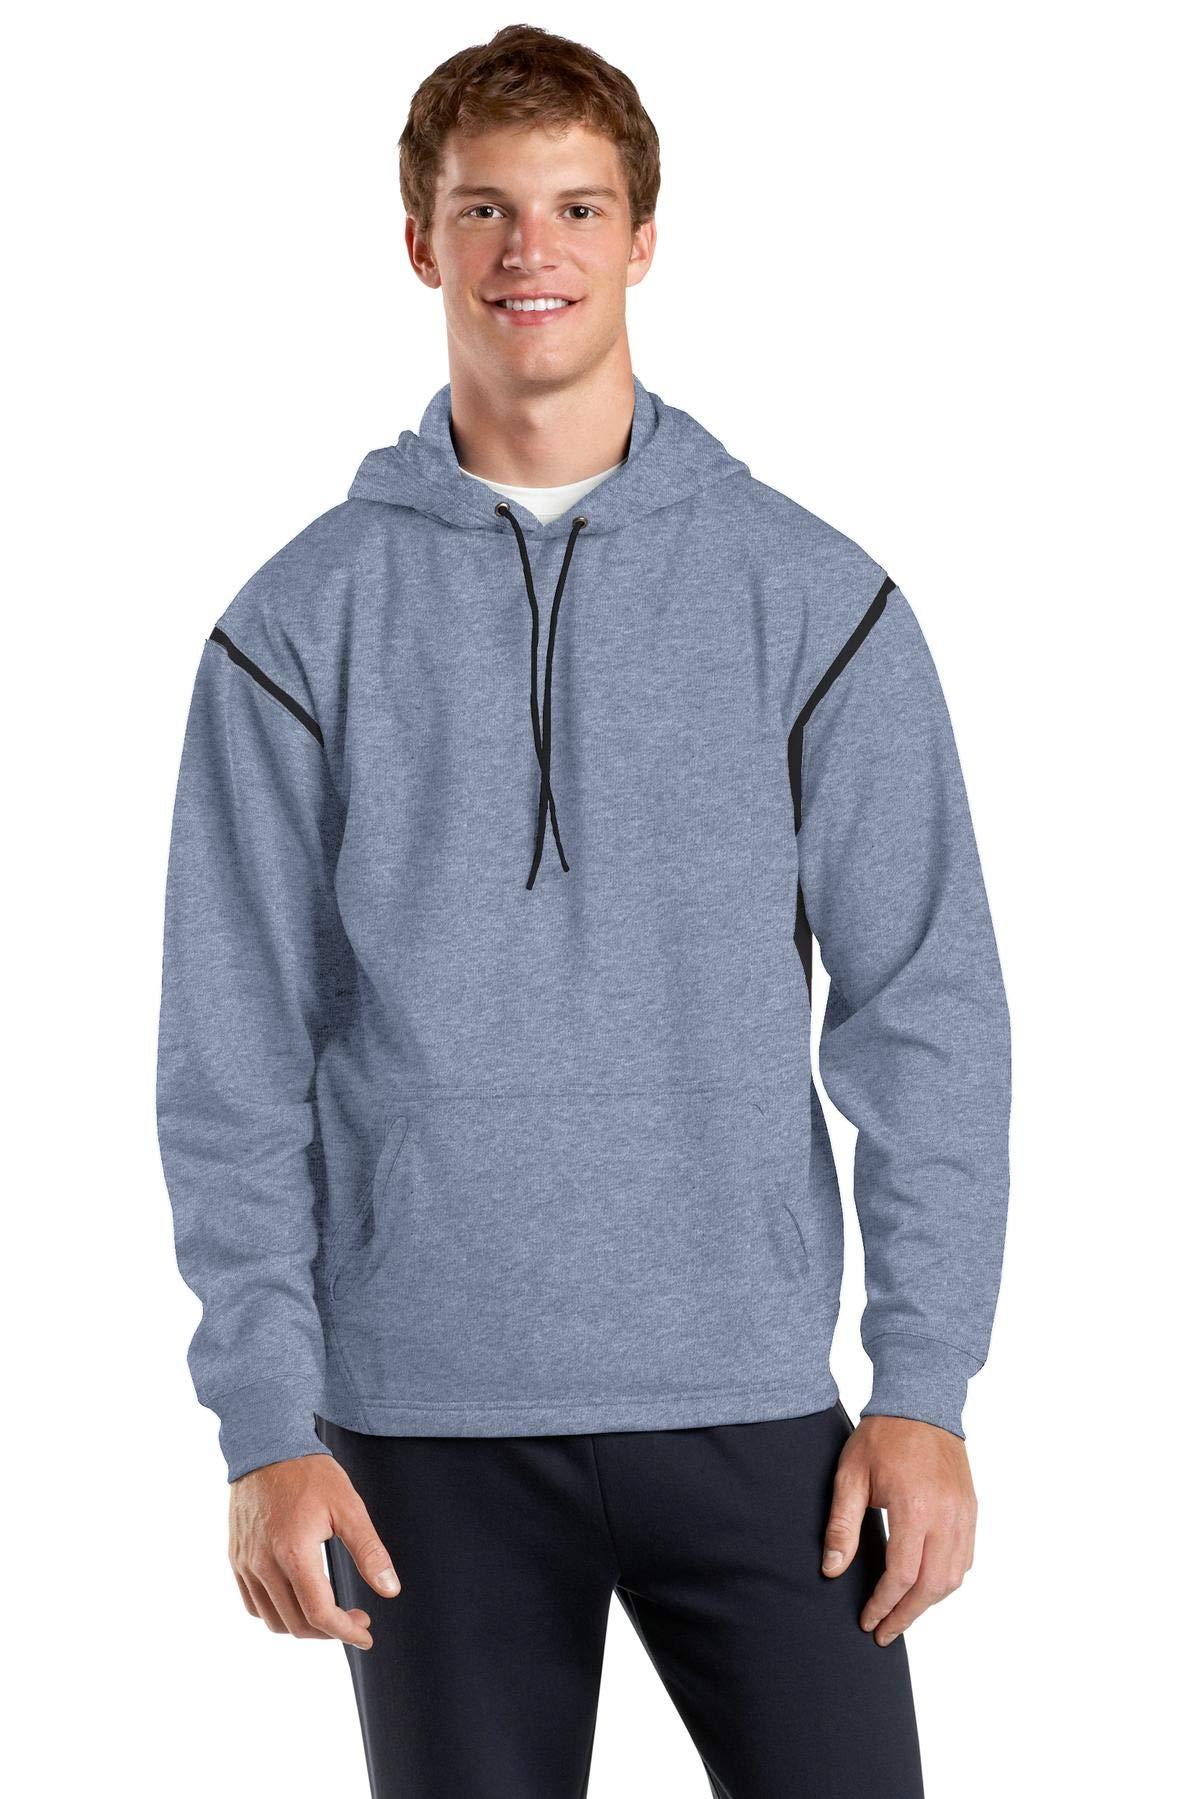 Sport-Tek Tall Tech Fleece Colorblock Hooded Sweatshirt 3XLT Grey Heather/Black by Sport-Tek